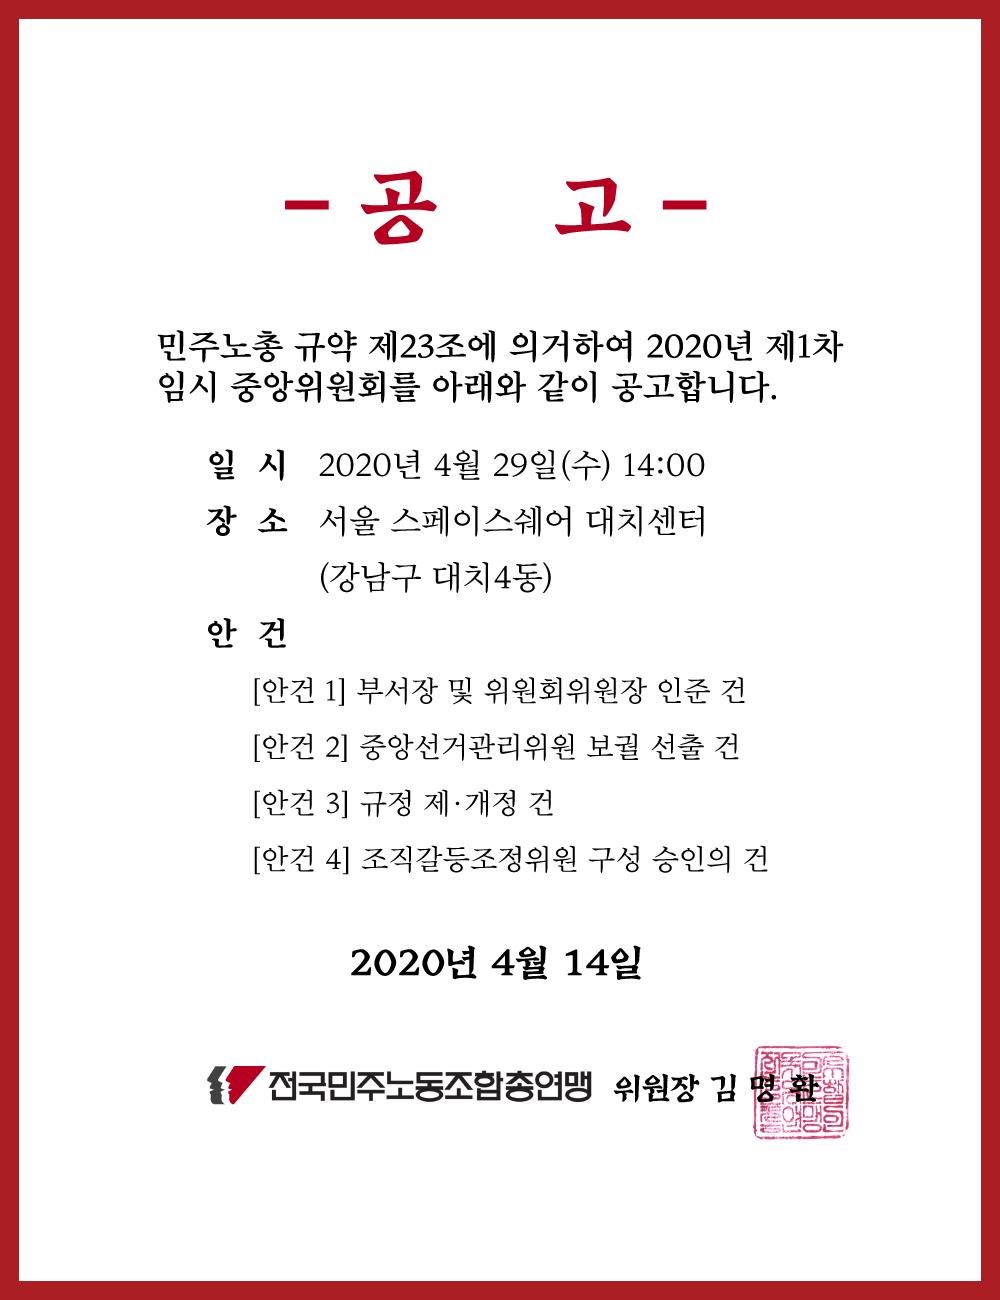 2020년-민주노총-제1차-임시중앙위원회-소집의-건.png